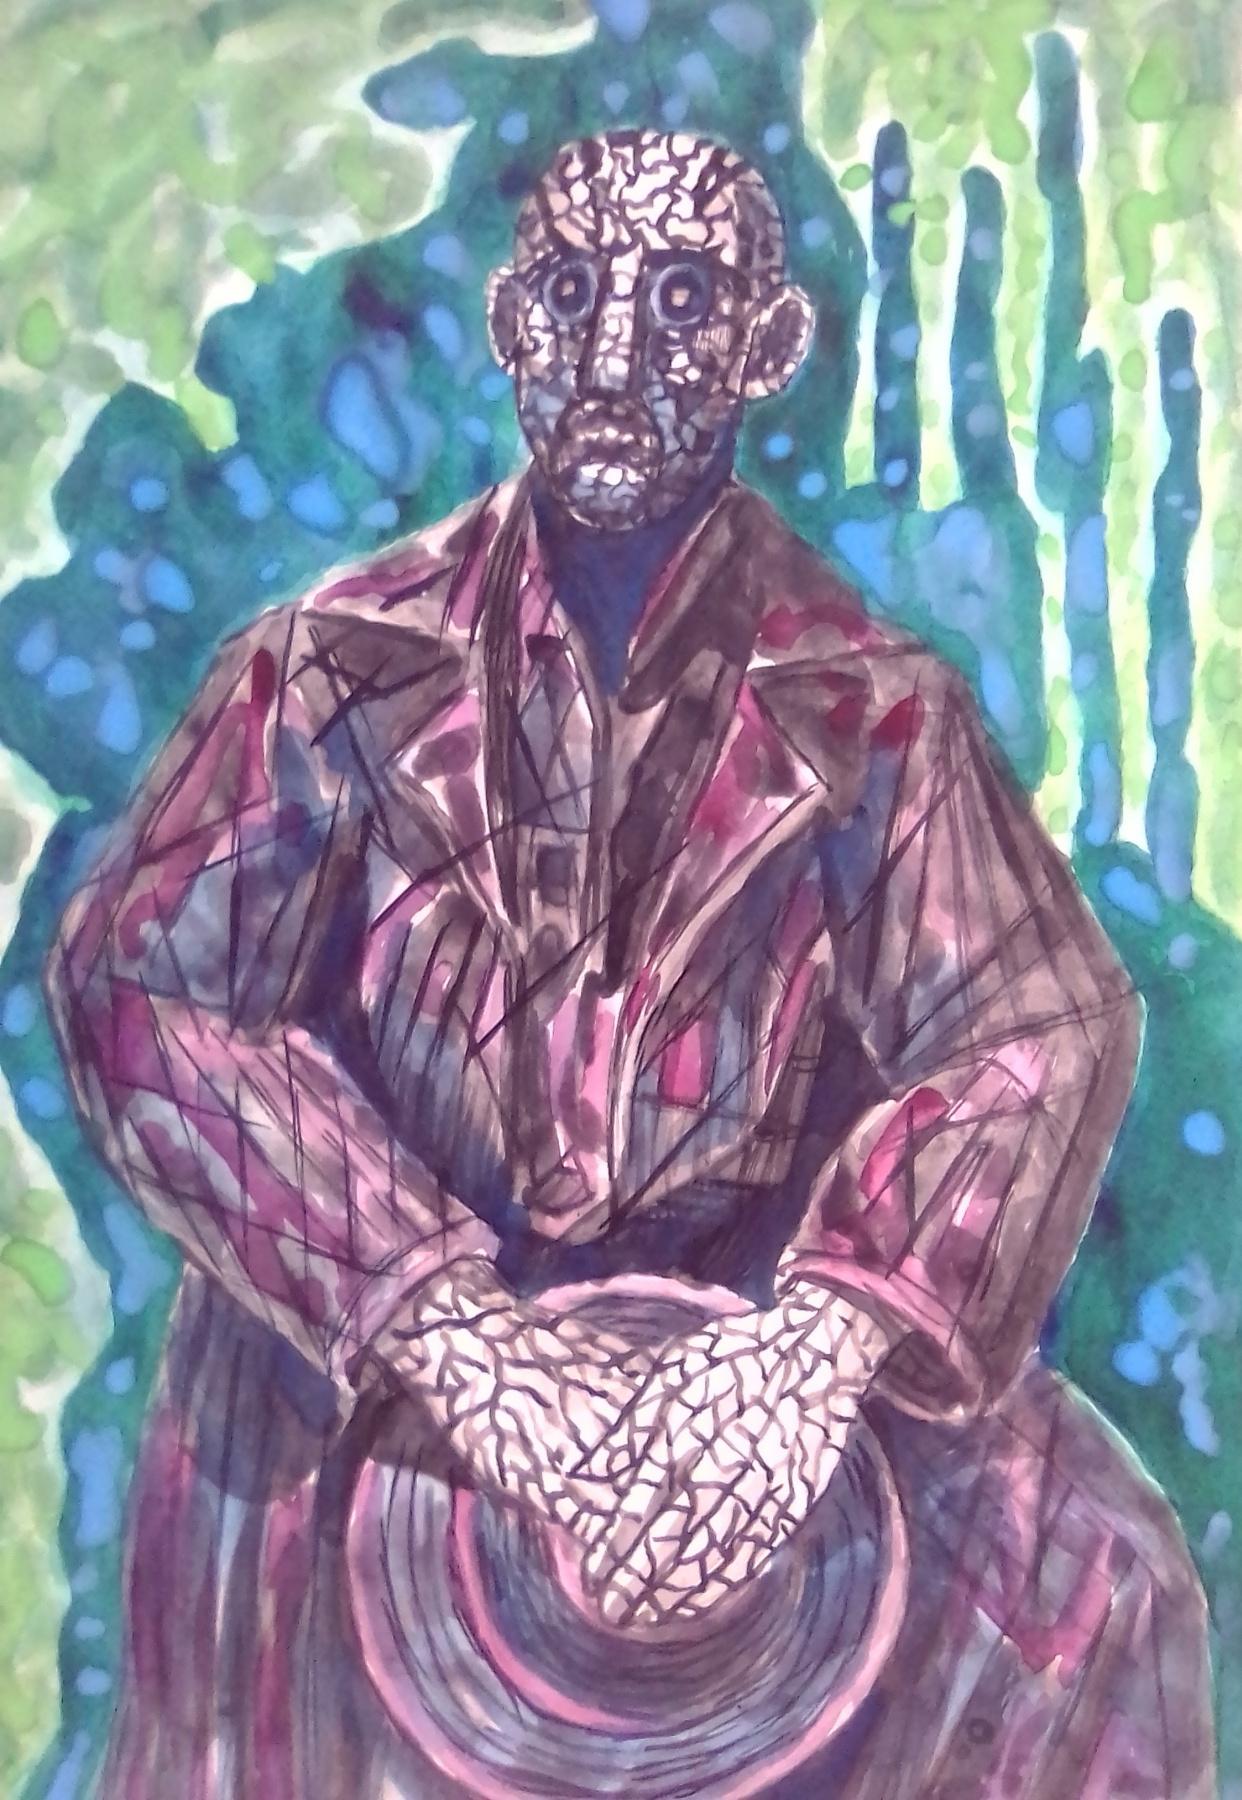 Вячеслав Коренев. Male figure